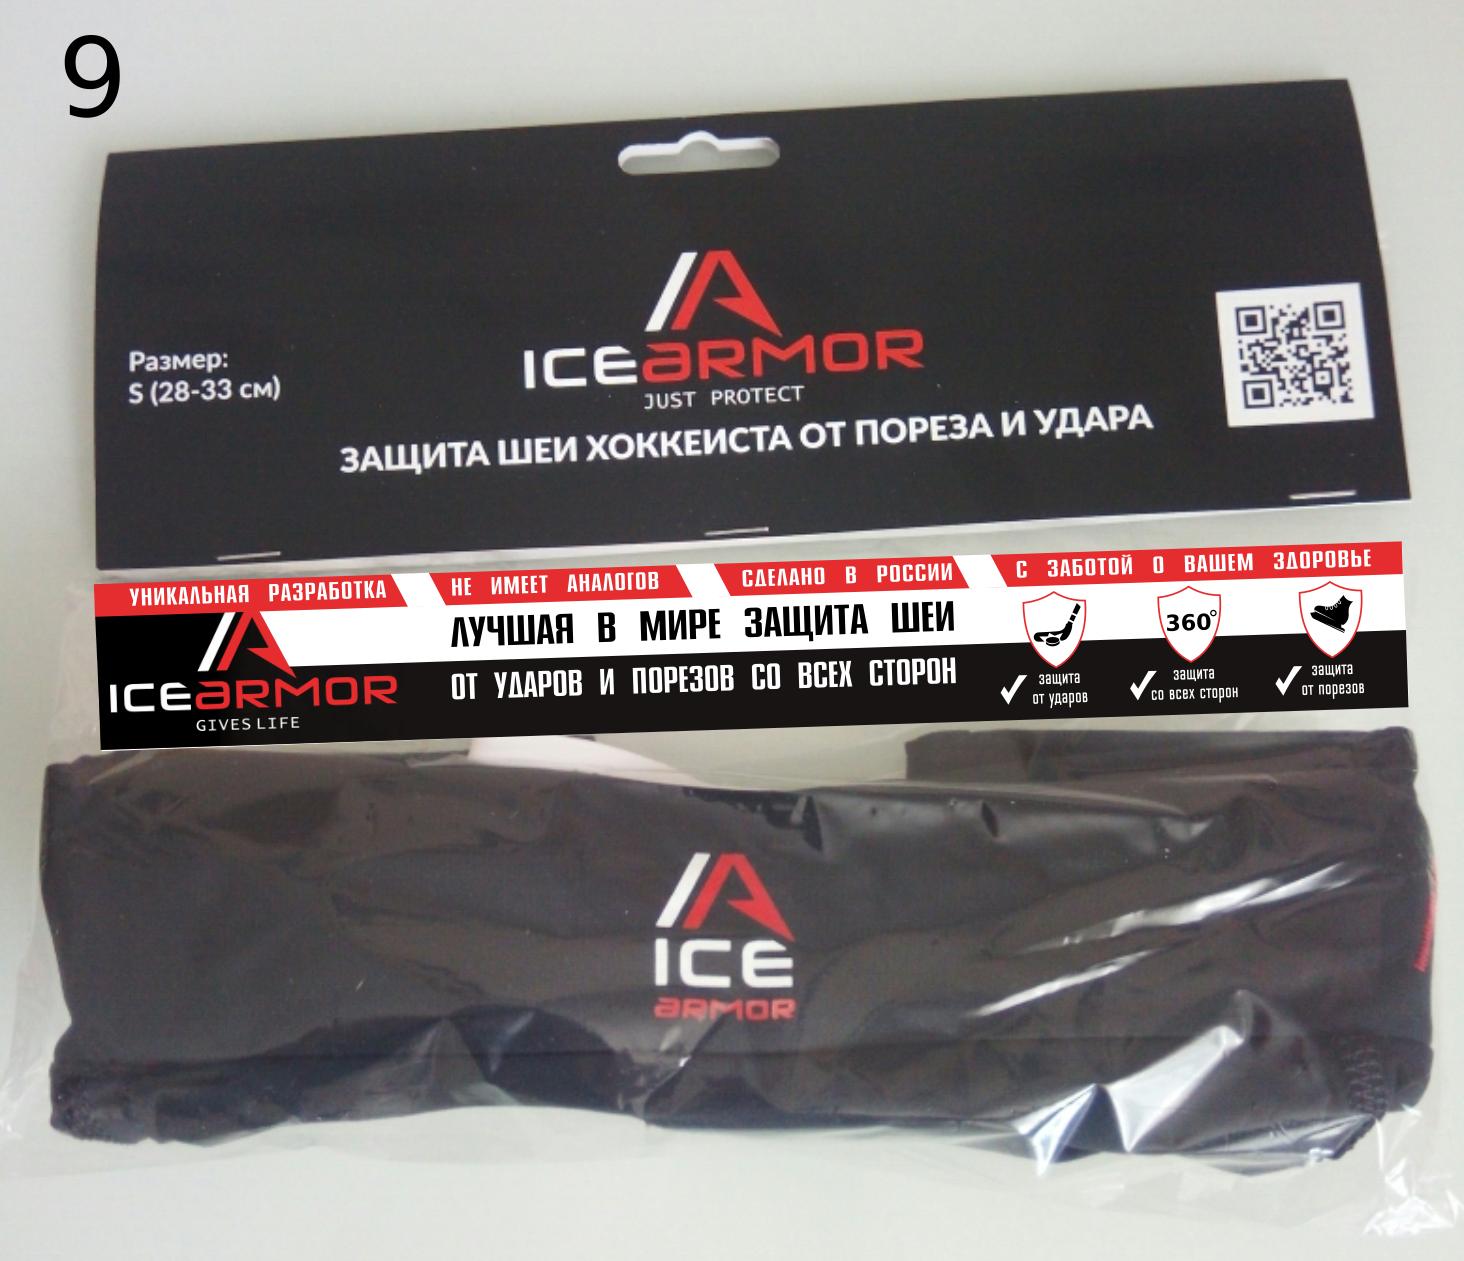 Дизайн продающей наклейки на упаковку уникального продукта фото f_4125b23578140bc9.png